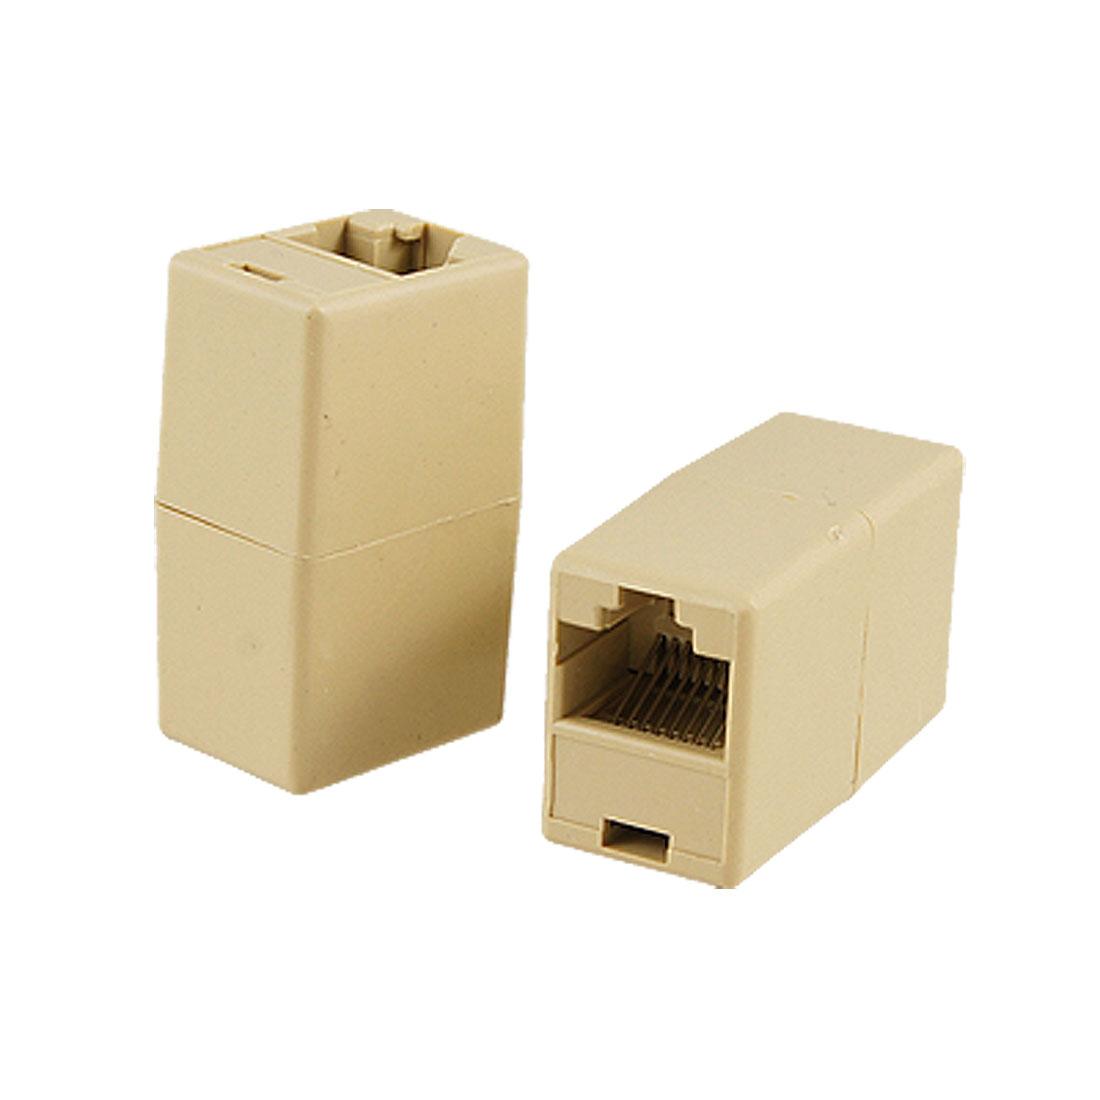 RJ45 F/F LAN Network Inline Splitter Extender Coupler